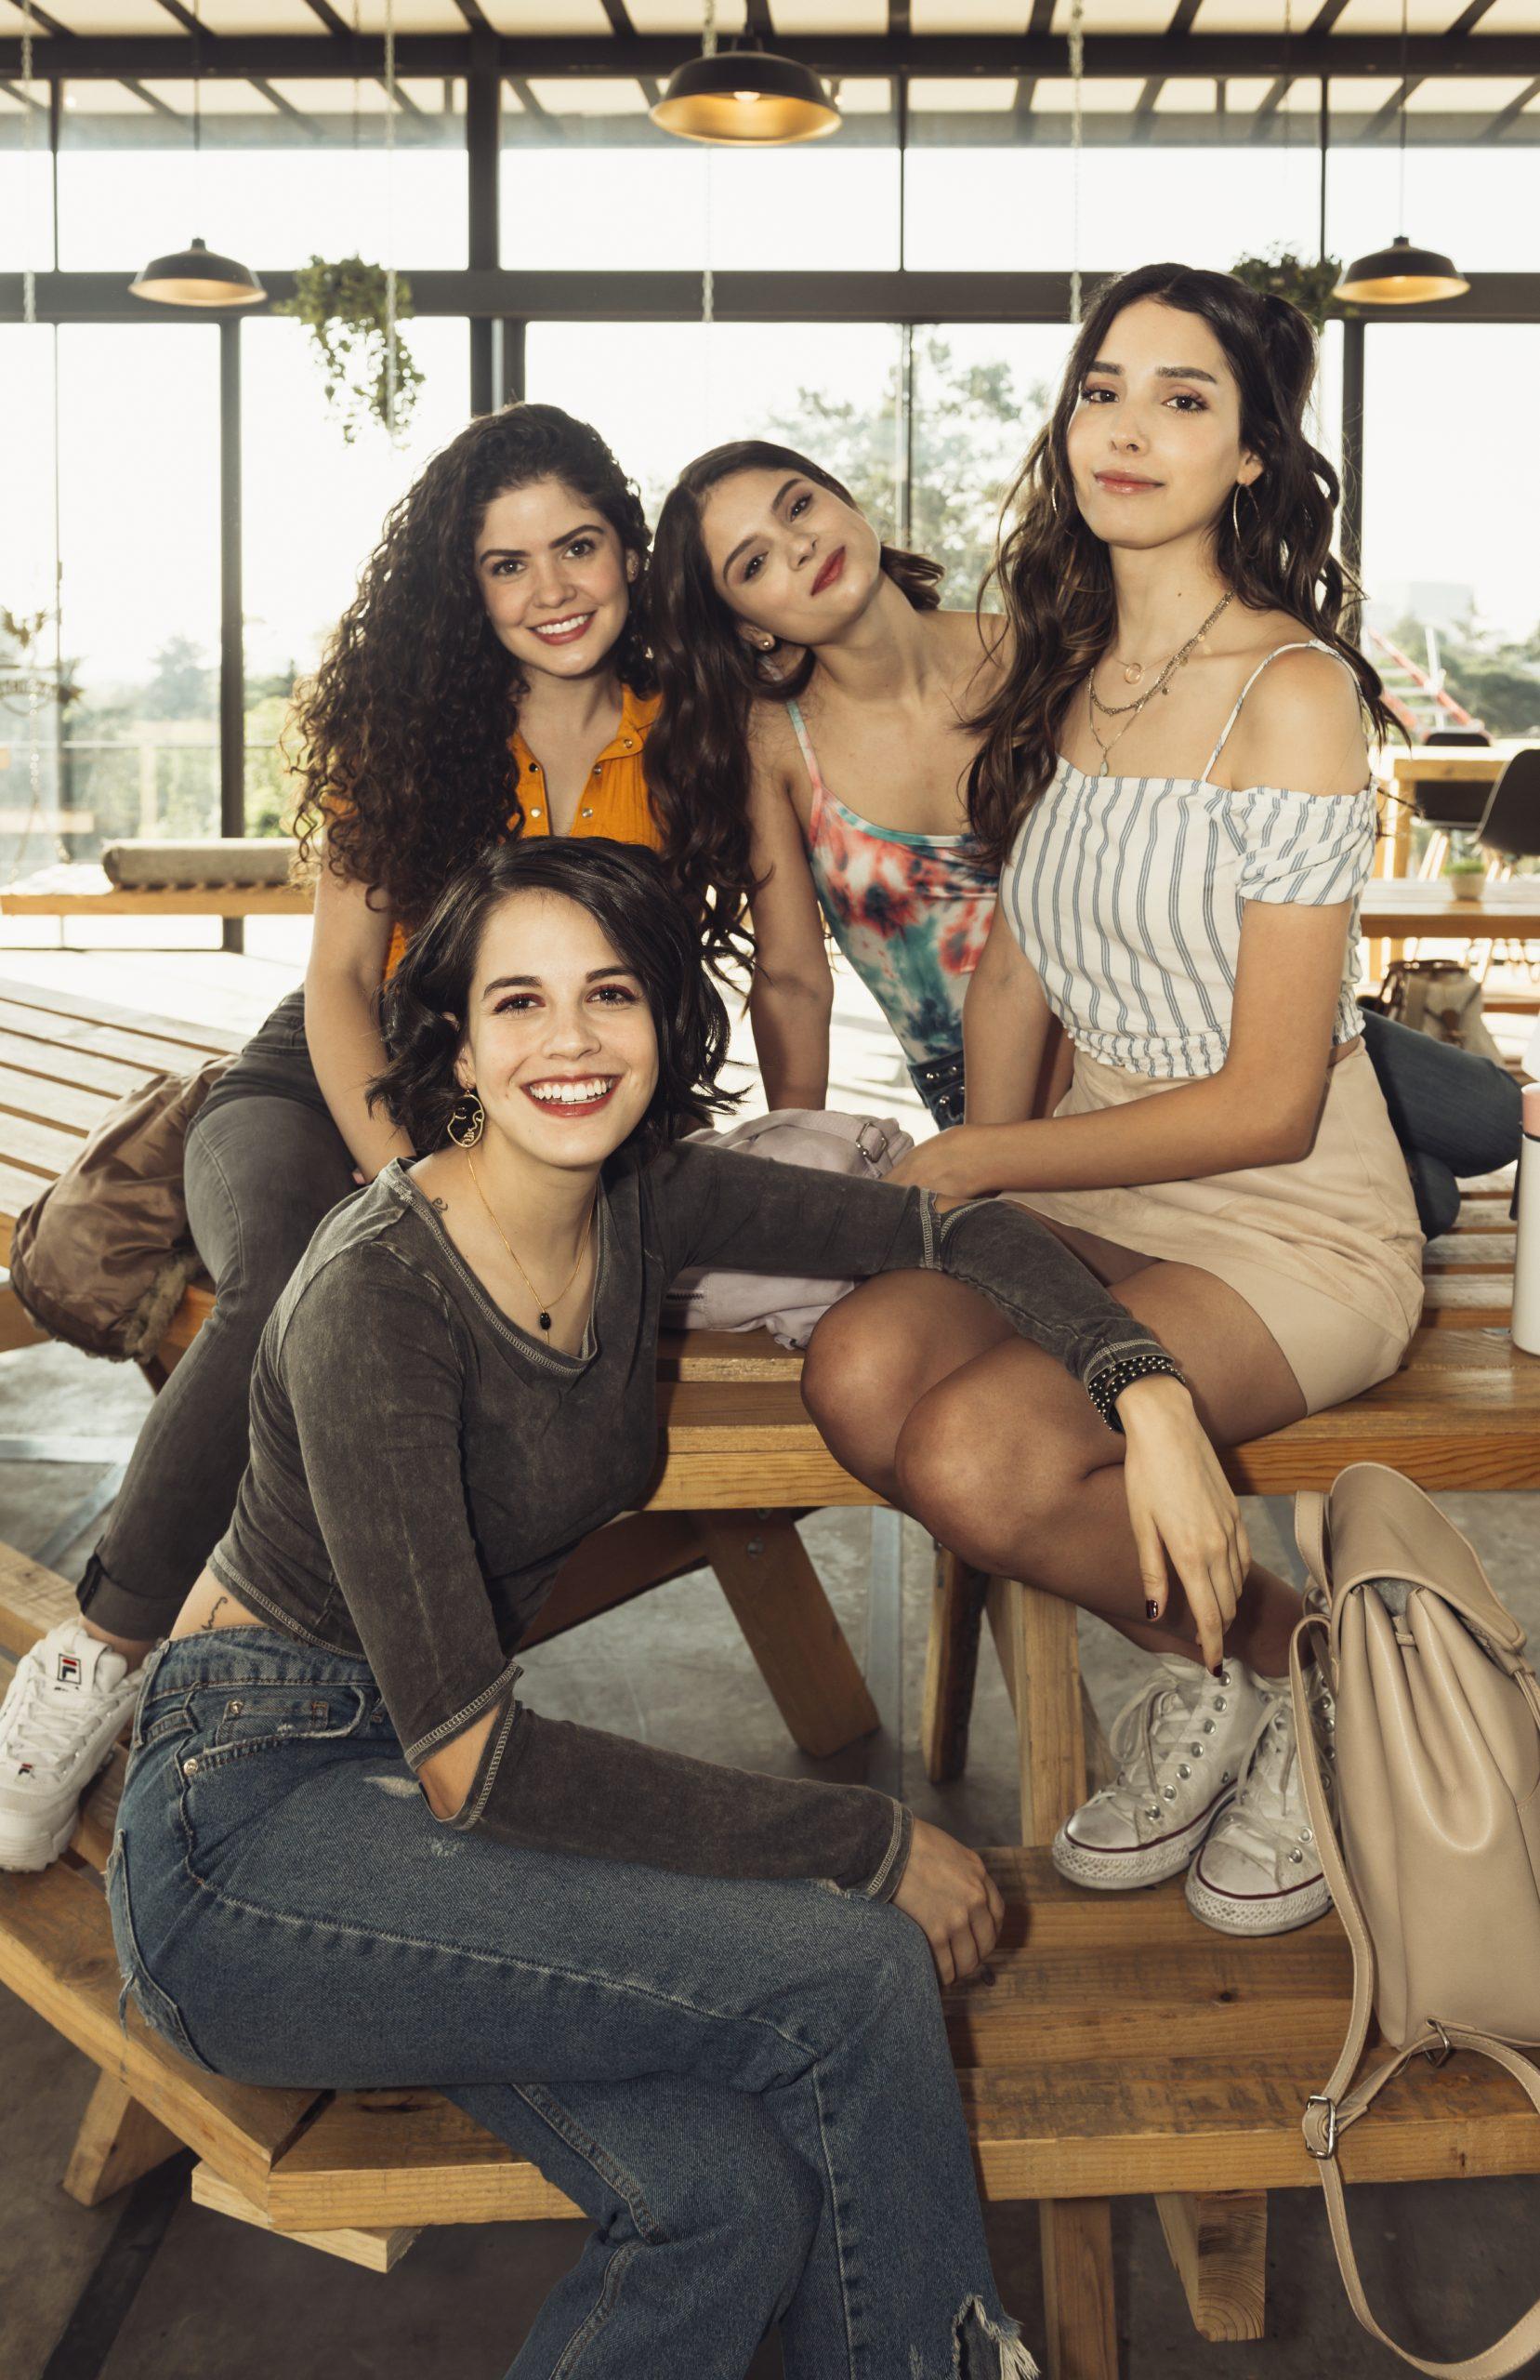 Zión Moreno: La actriz de ascendencia mexicana que aparece en el reboot de 'Gossip Girl'